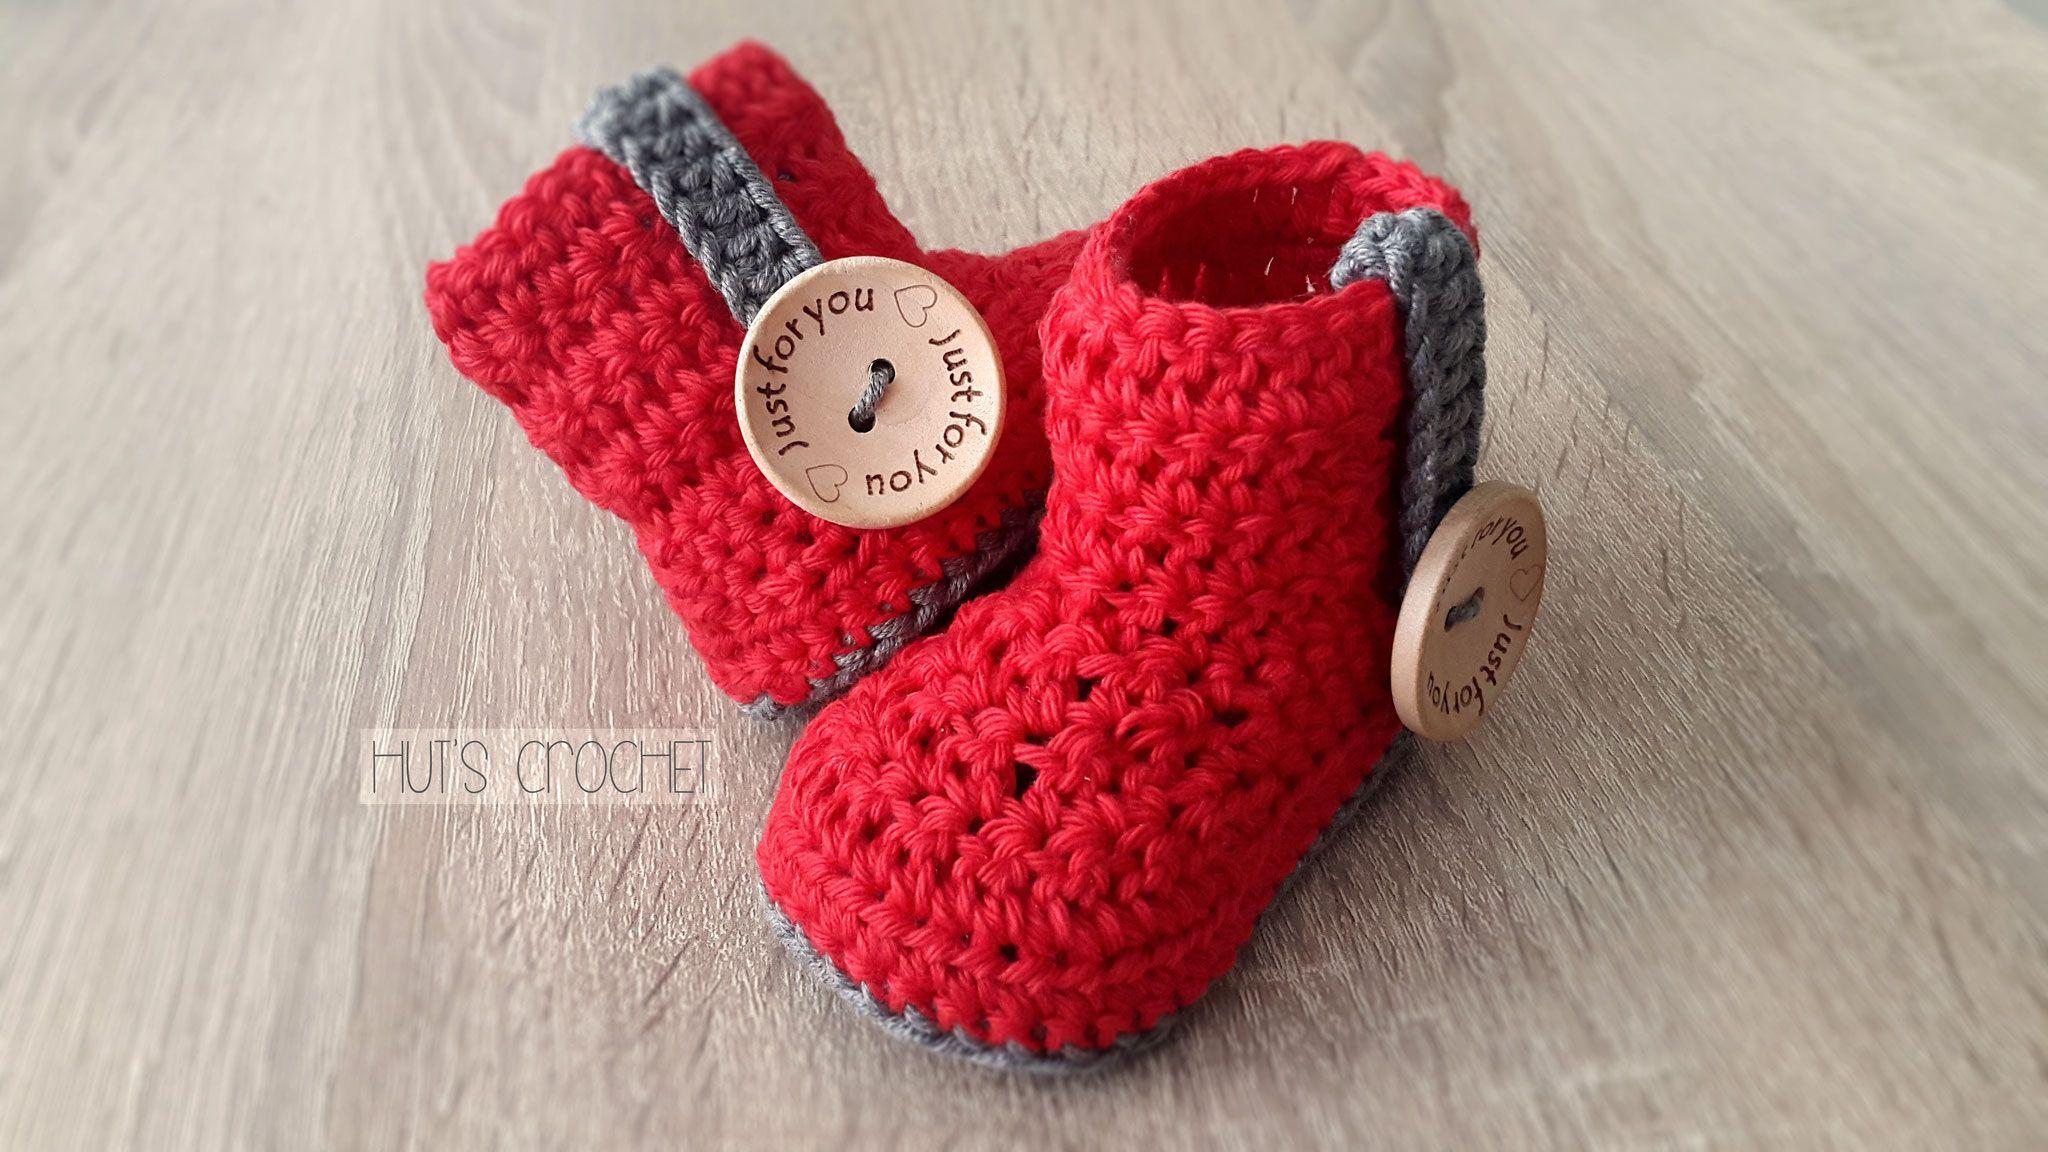 häkel stiefel | Crochet | Pinterest | Häkeln Stiefel, Häkeln und Stiefel